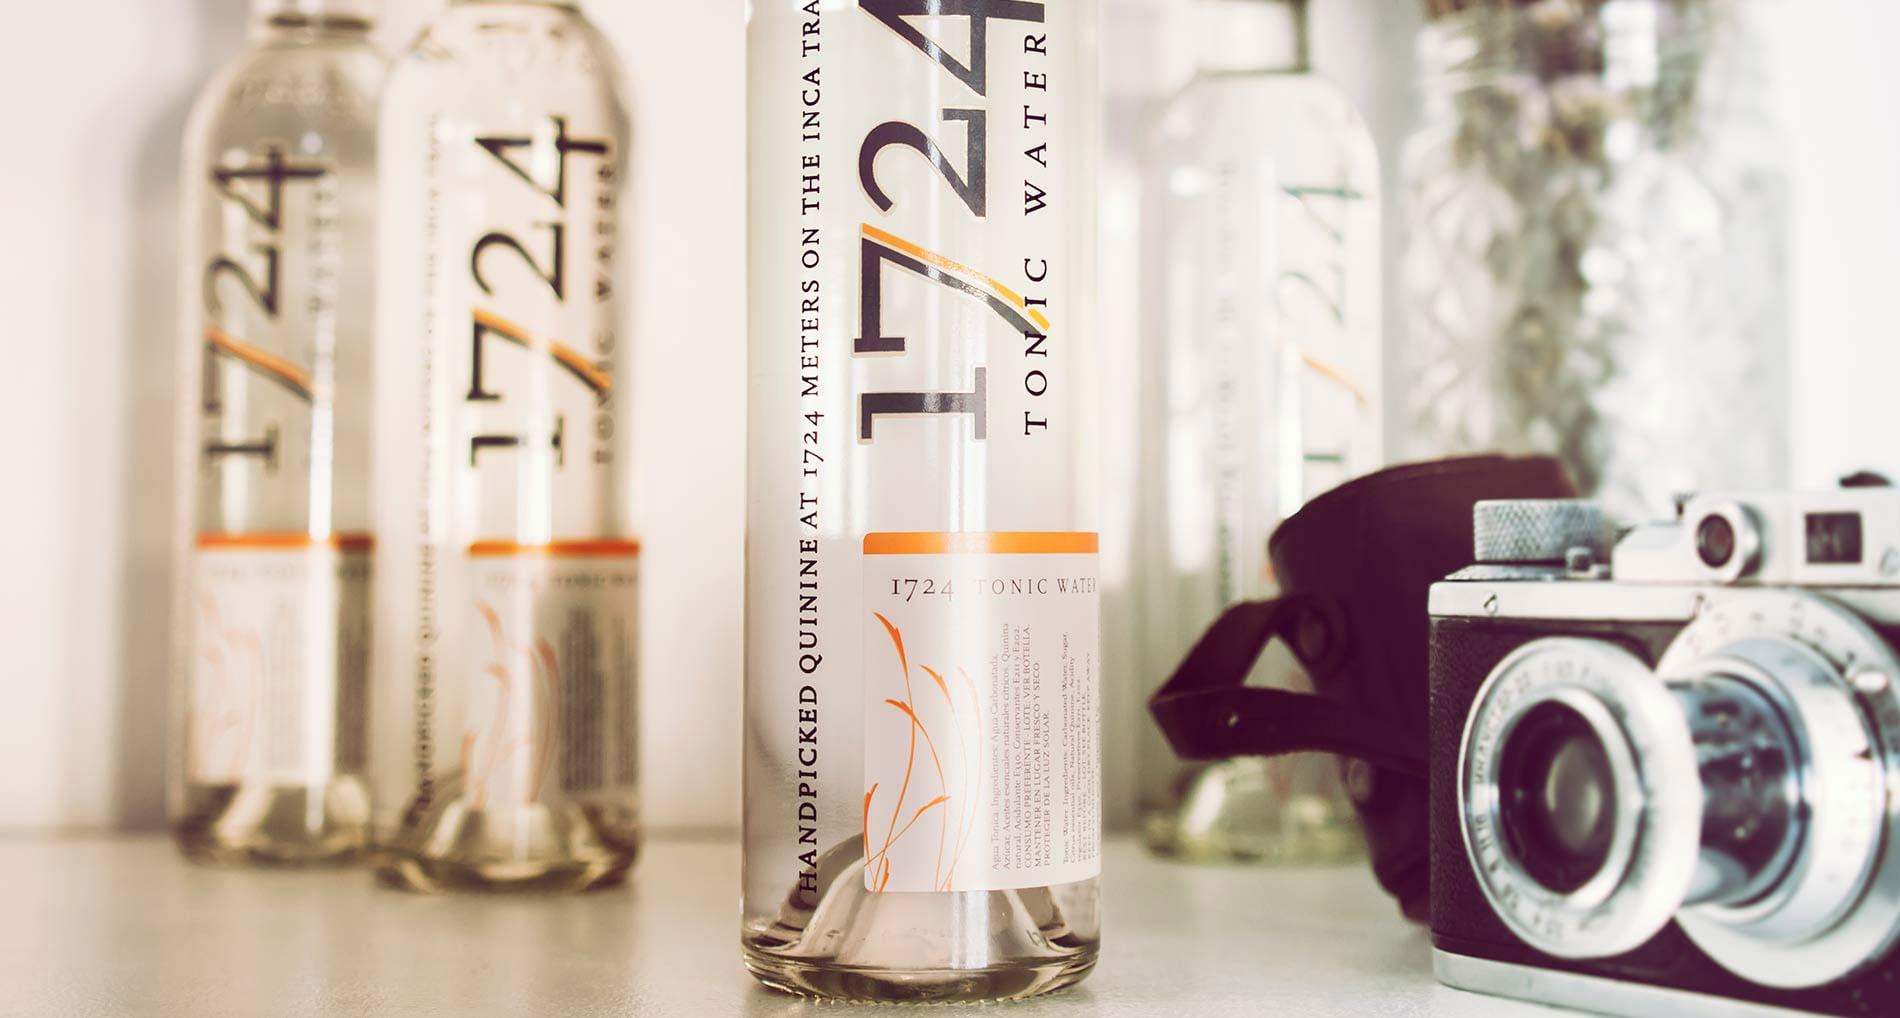 1724 Tonic Water el sabor de lo auténtico